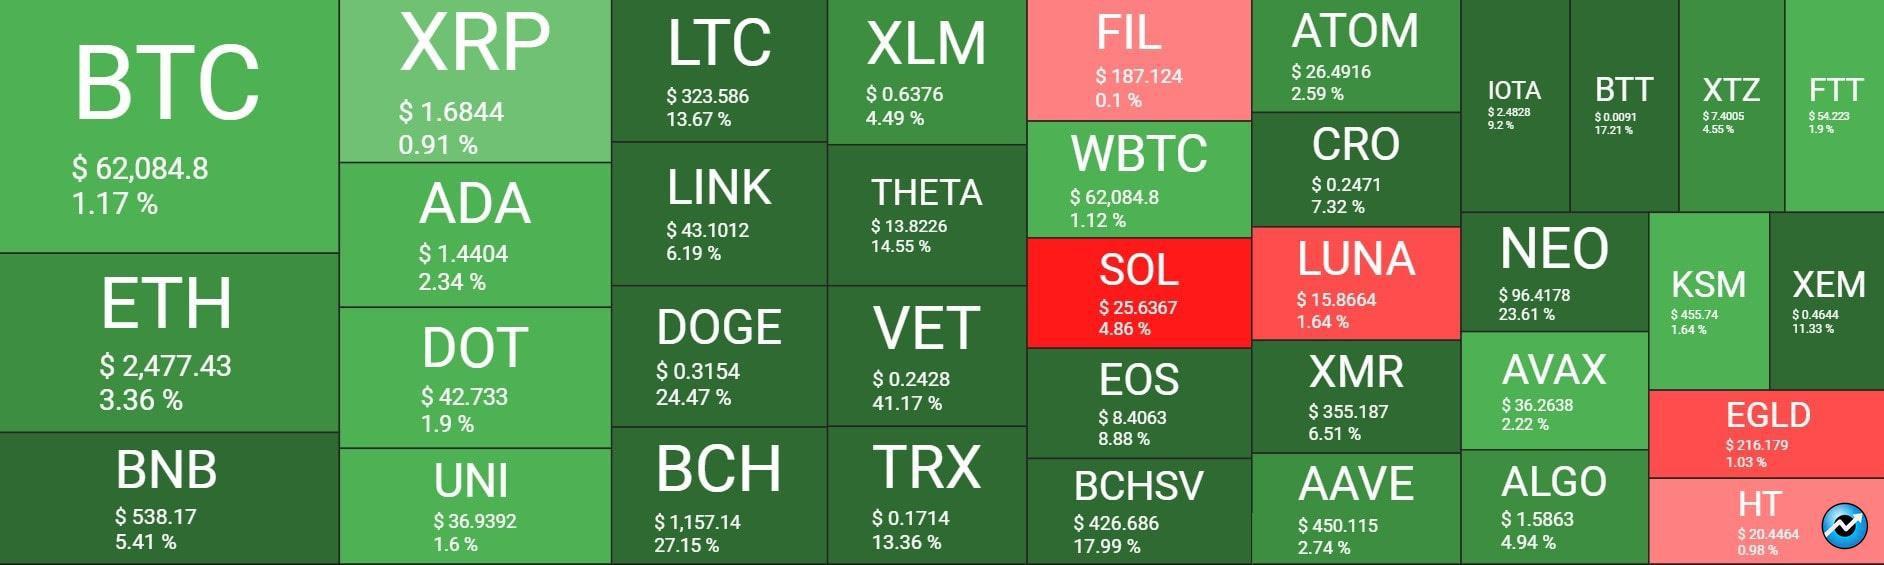 بازار 28 - نگاهی کلی به وضعیت بازار امروز رمزارزها (28 فروردین)